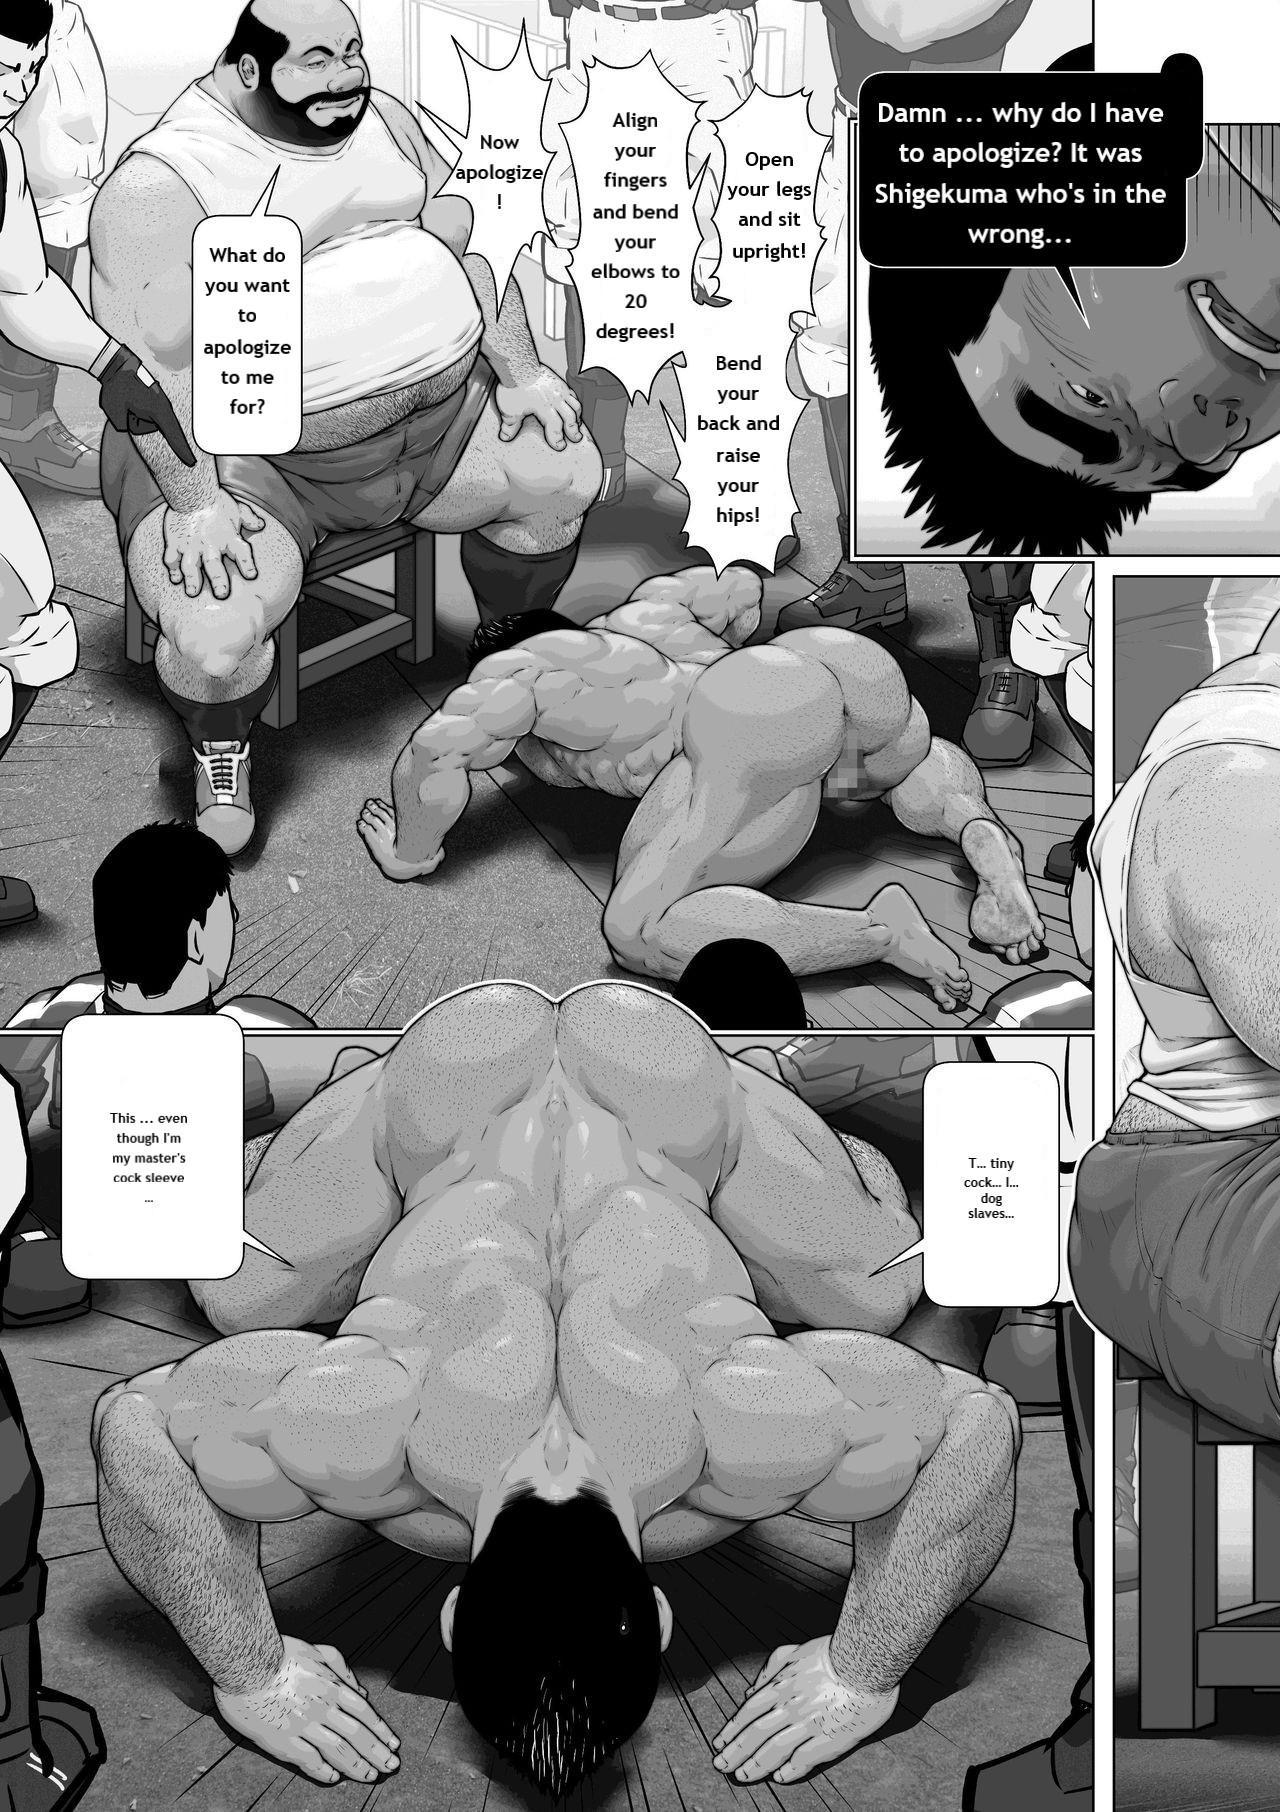 [frontierkiss (Kai Makoto)] Jiyuu no Hakudatsu Zenpen: Osuinu Dorei Shiiku Monogatari Dai 2-shou 1-wa (21b) [English] [Digital] 6